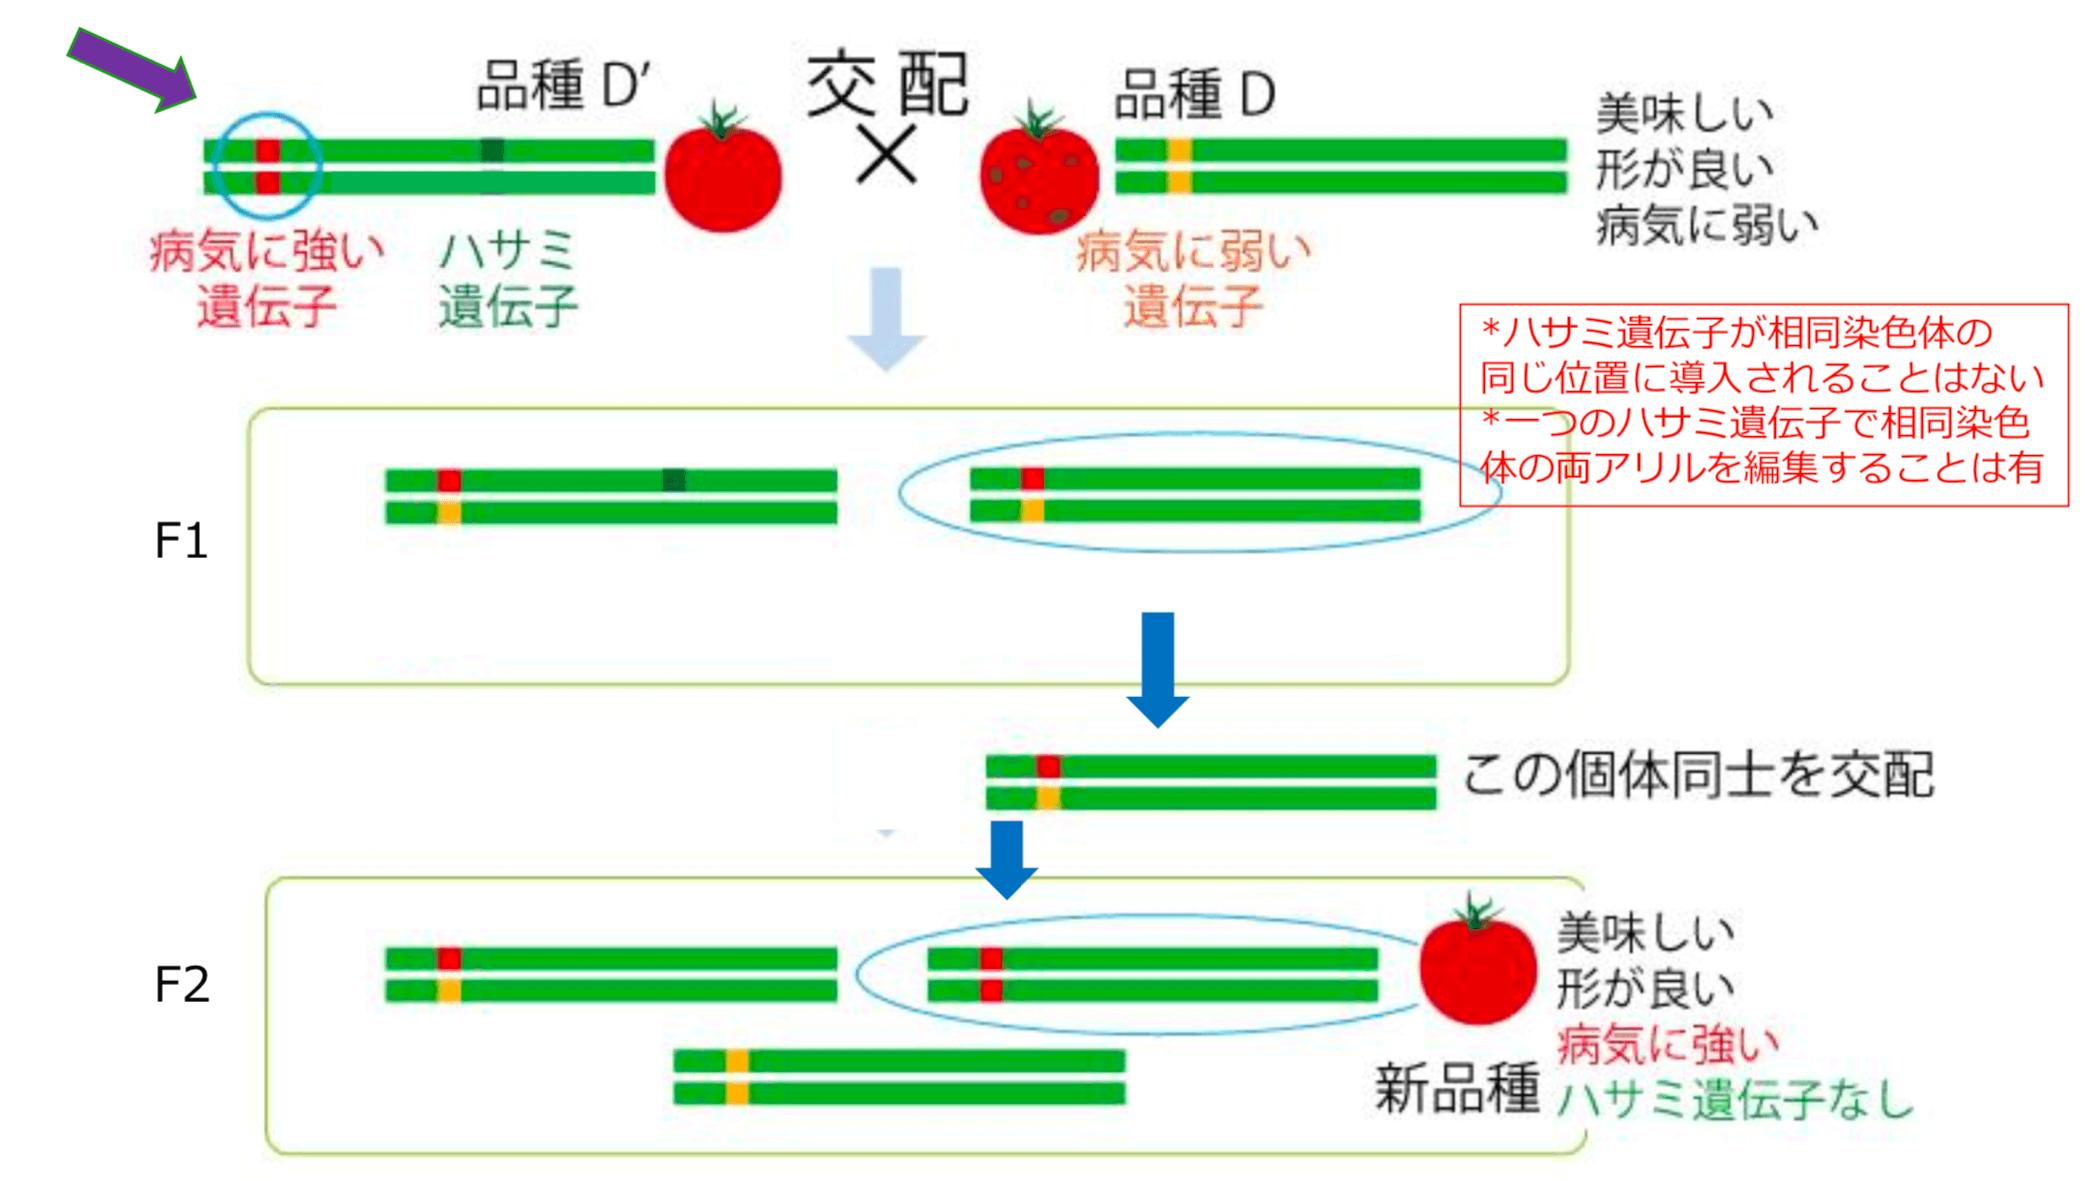 ゲノム編集:ハサミを道具に設計図を書き換える